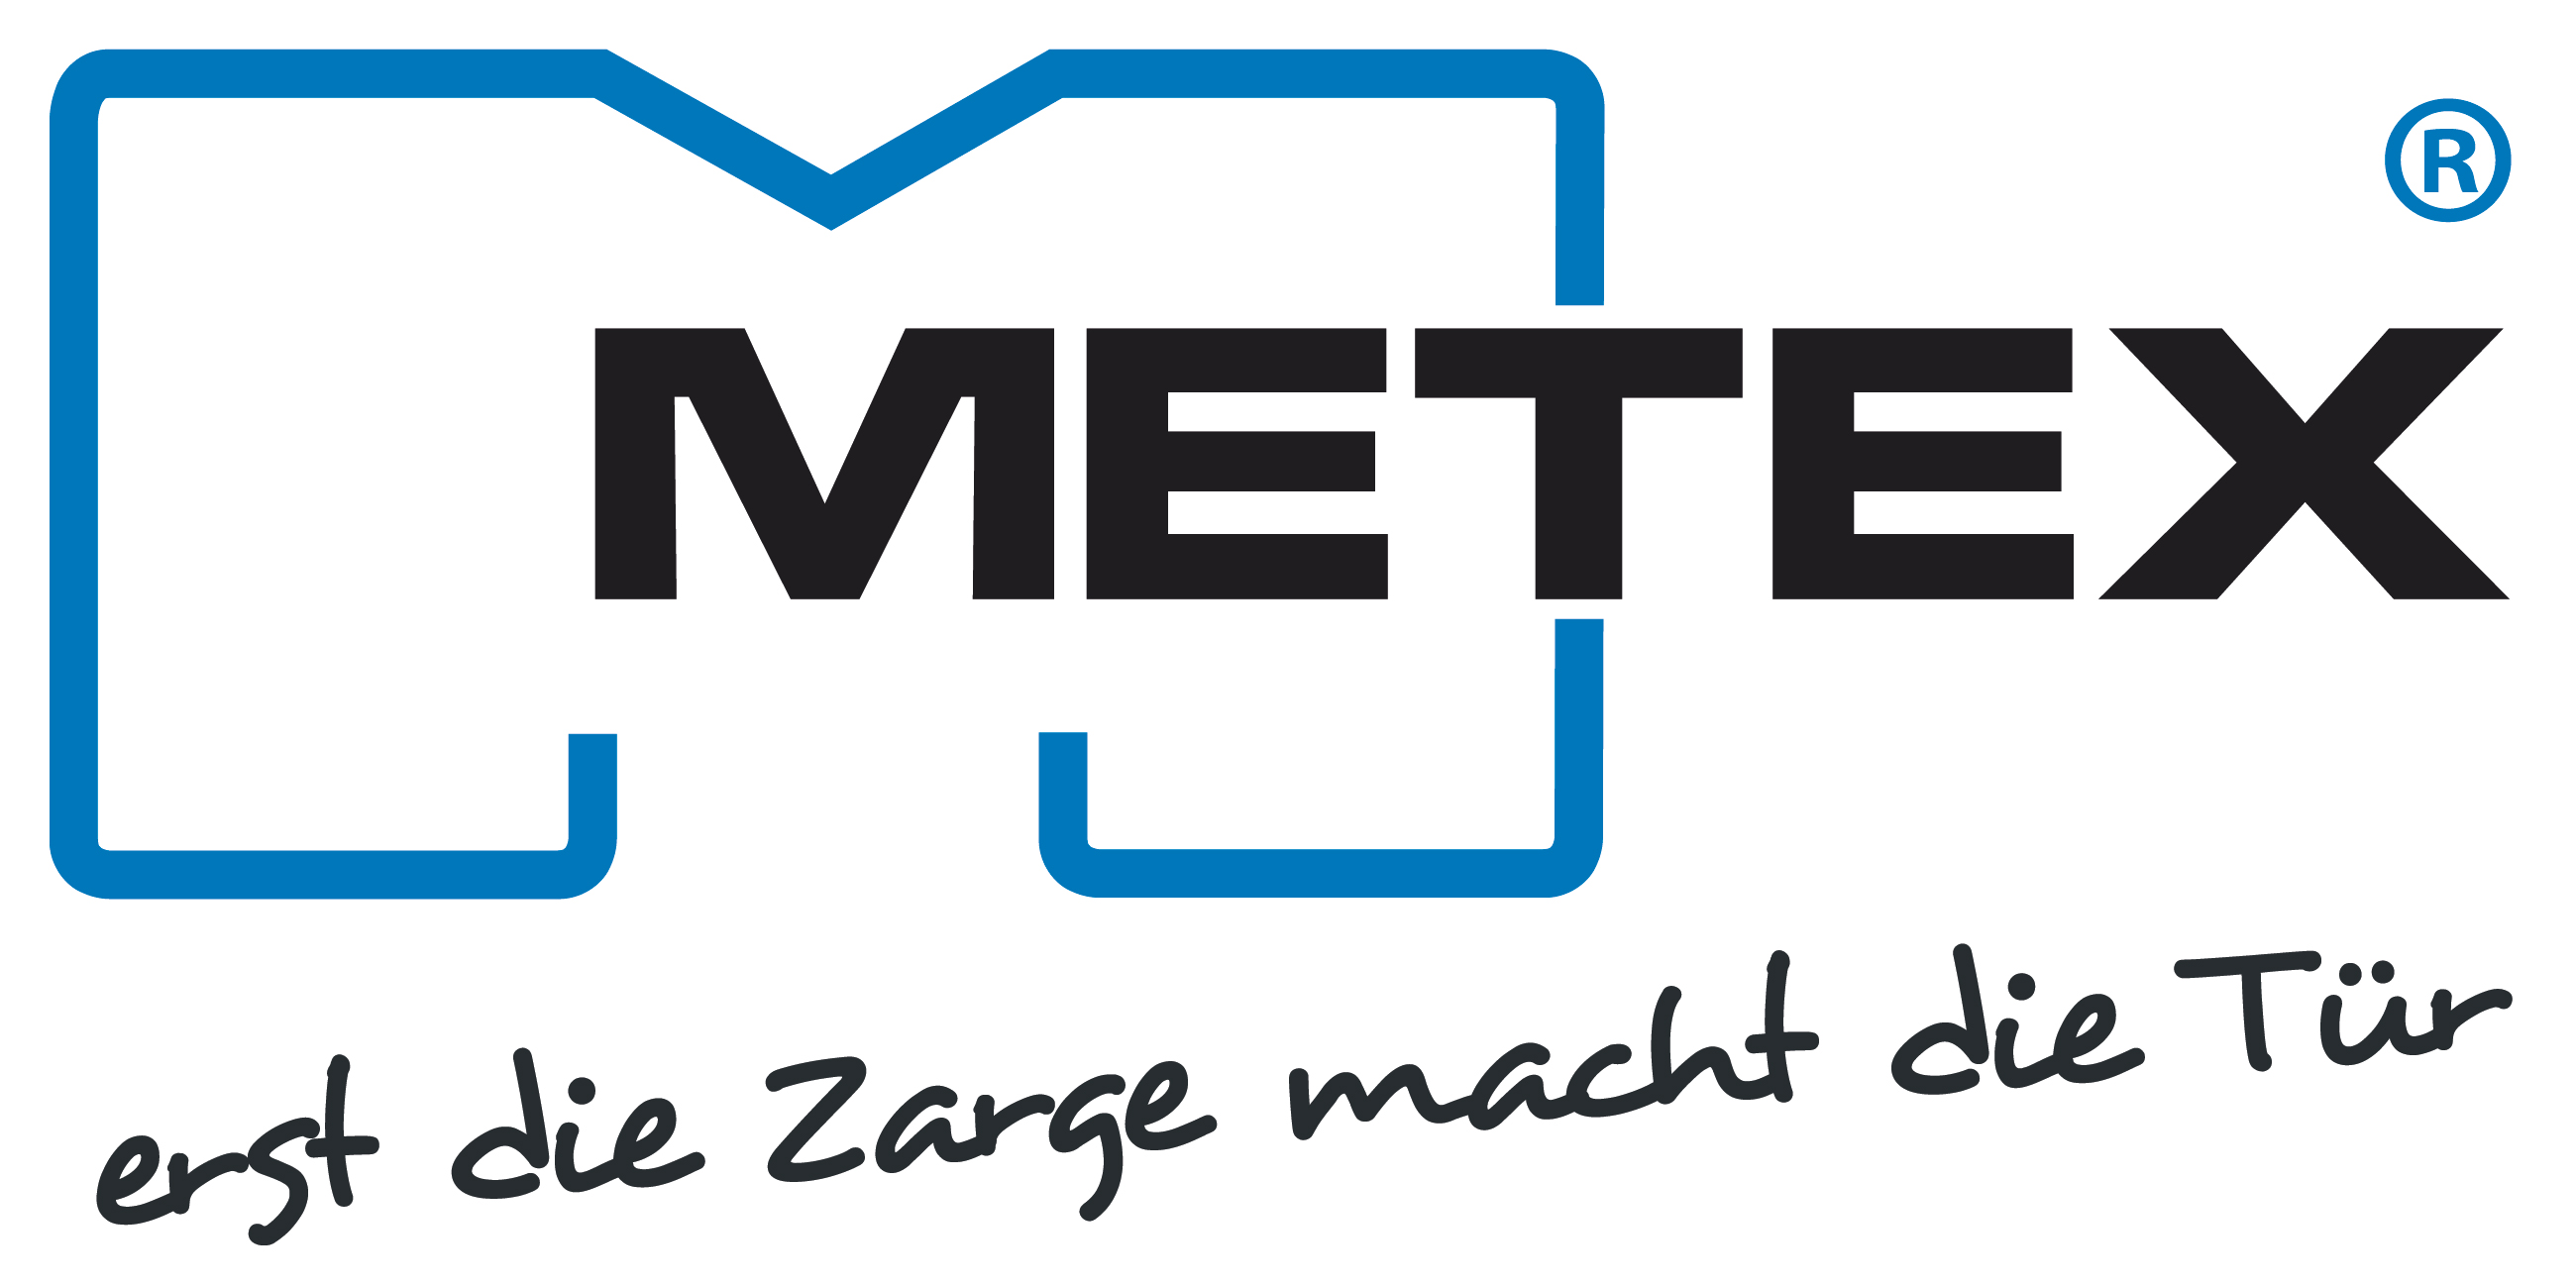 031_METEX_Metallwaren_GmbH_logo